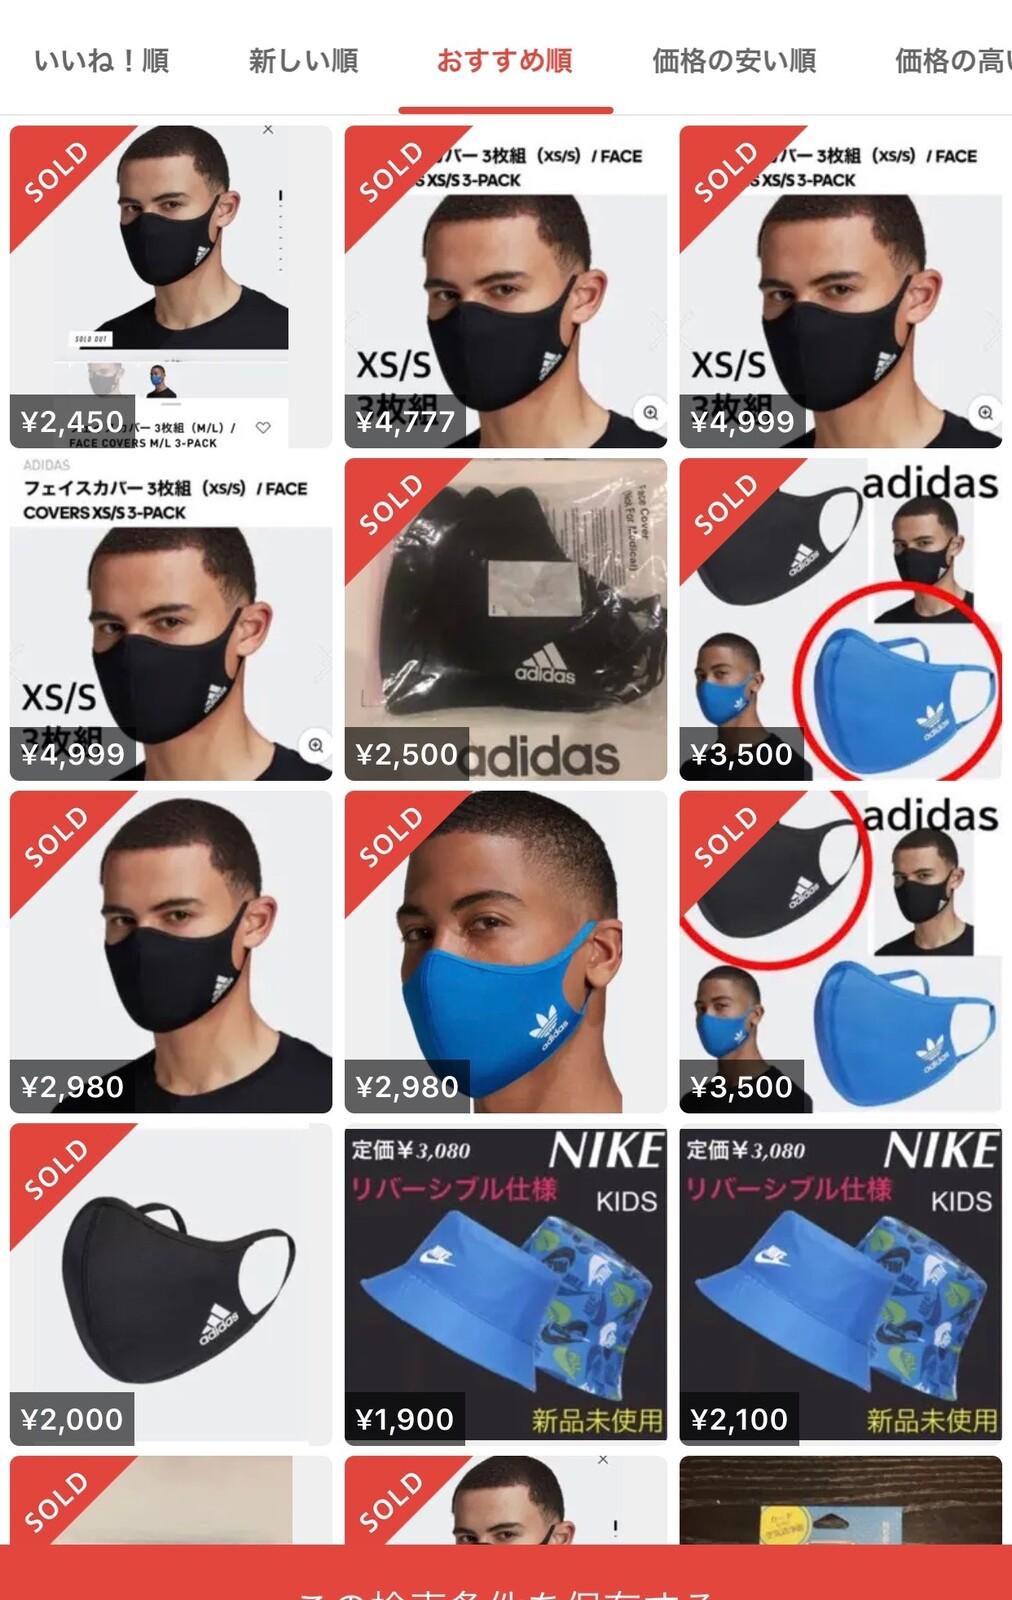 ミズノ マスク サイズ 感